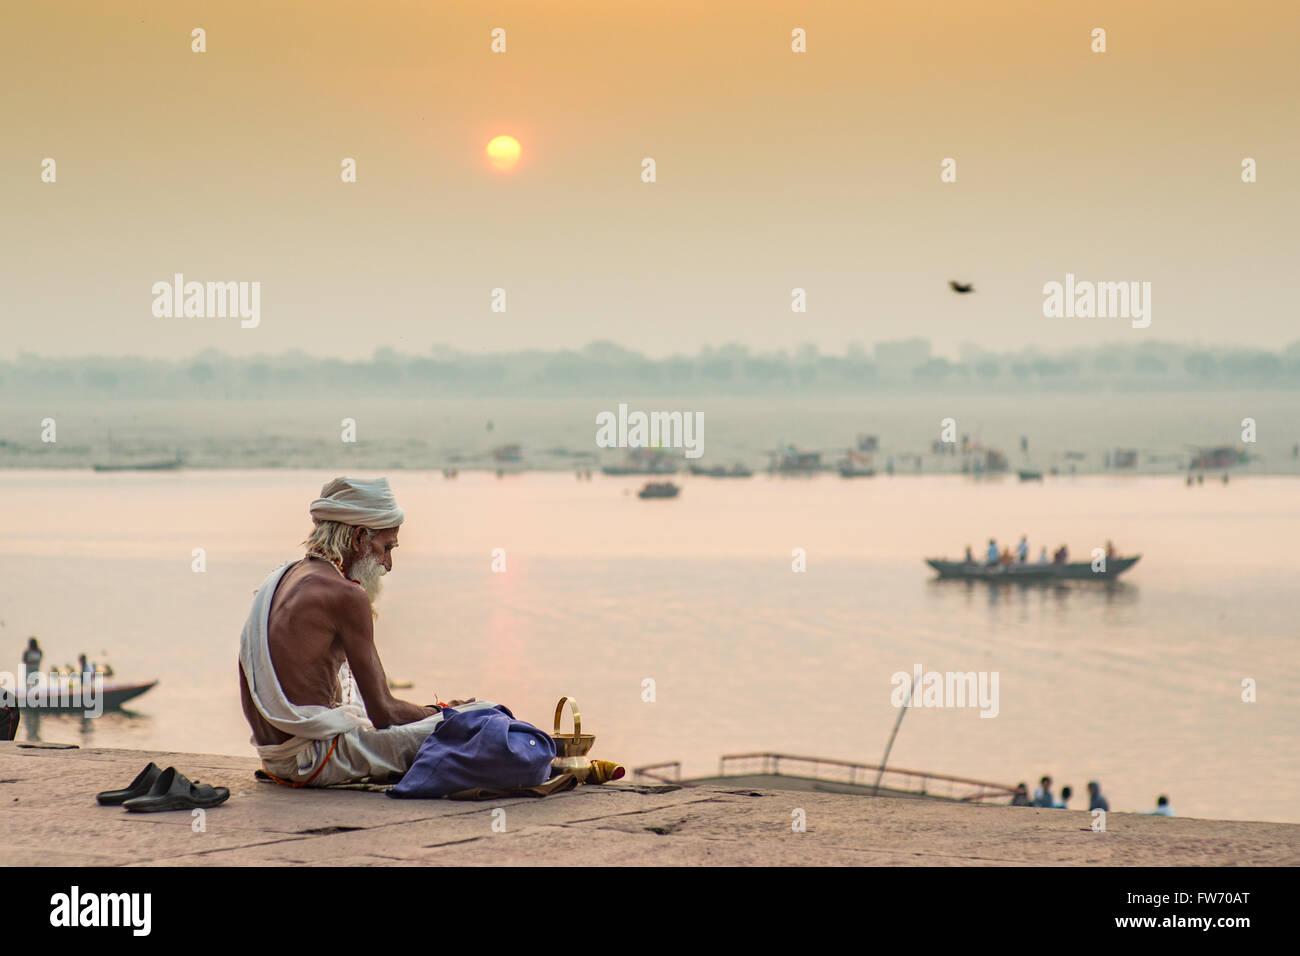 Un sadhu (dévot hindou) est assis par le fleuve saint Ganges à Varanasi comme le soleil se lève à Photo Stock